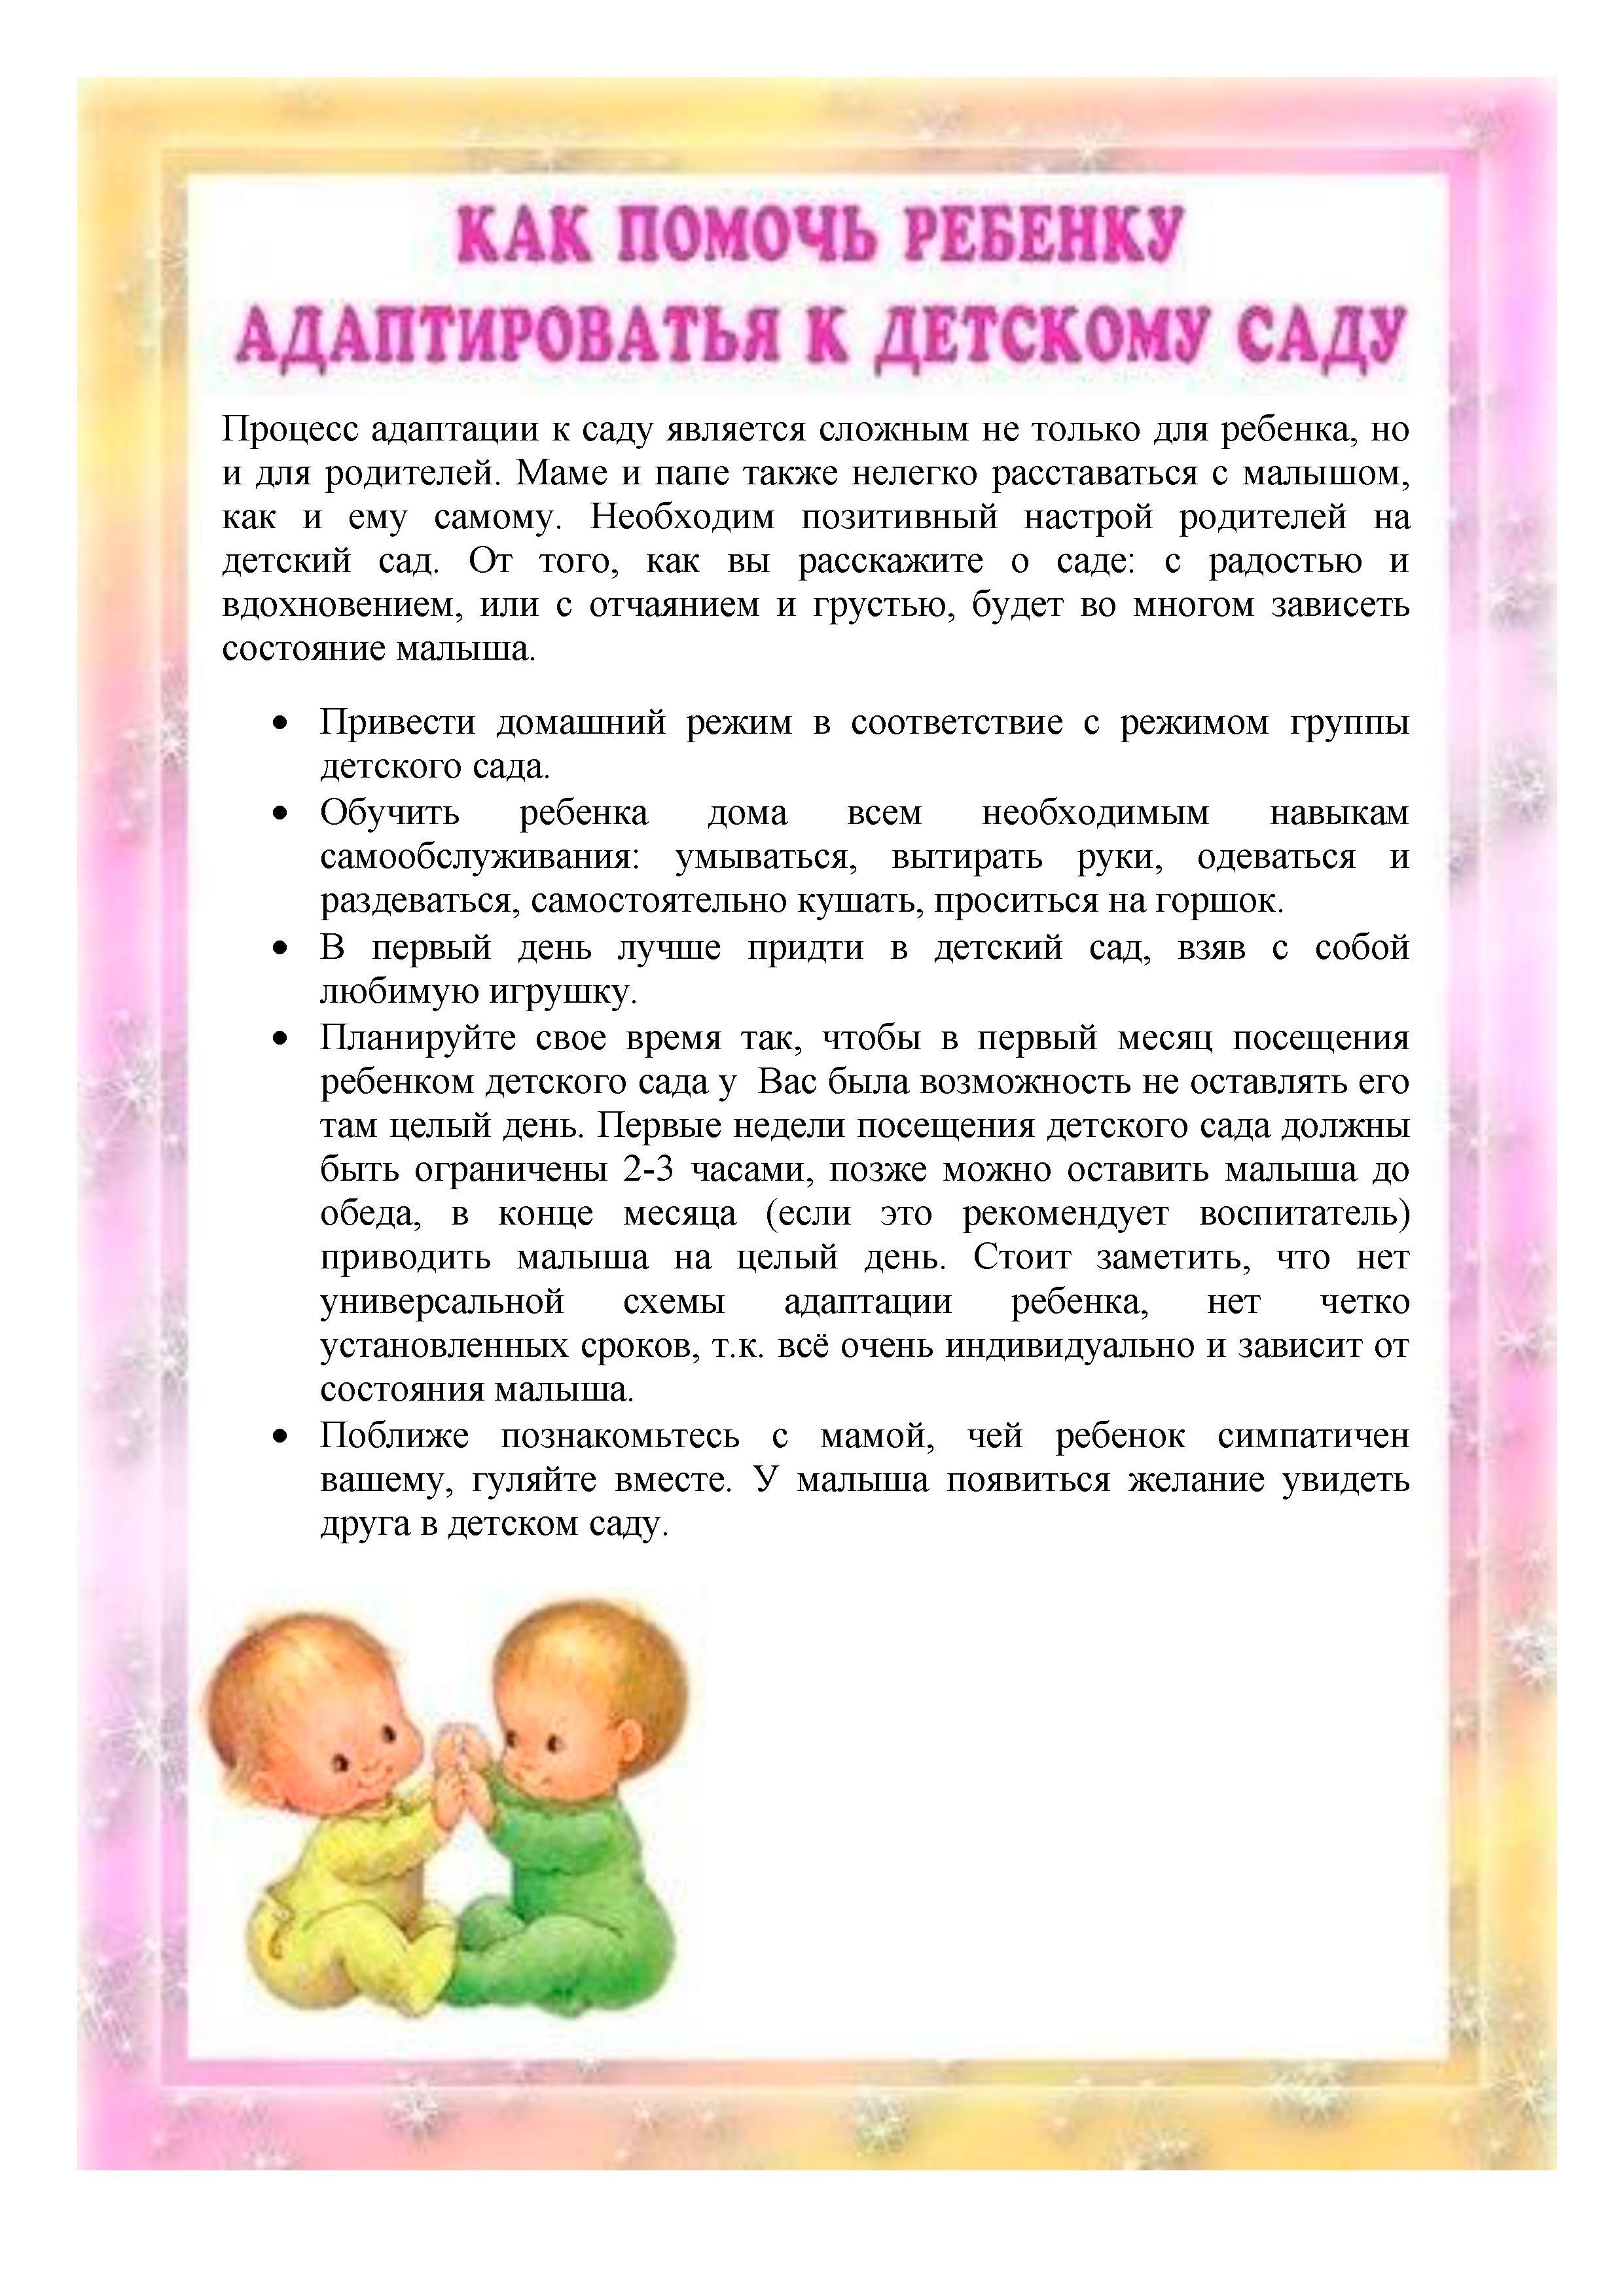 Адаптация ребенка в детском саду советы психолога, занятия с 2-3 лет, нужен ли ребенку детский сад, мнения